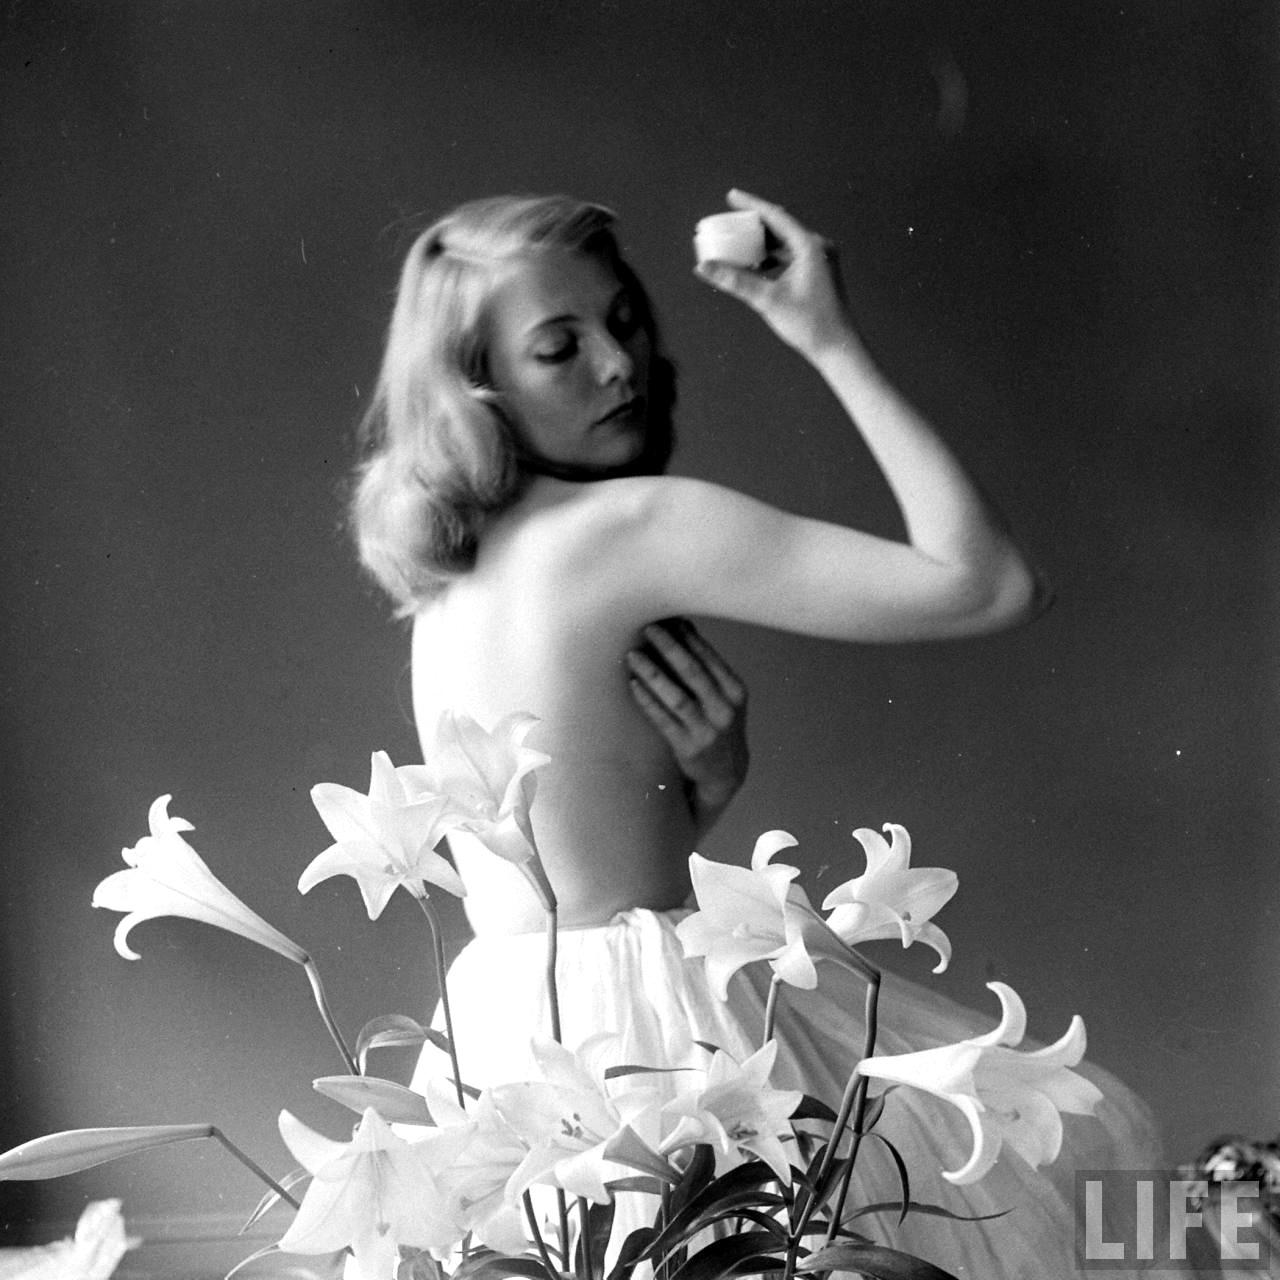 Fotó: Nina Leen:  Model Agencies, Lee, Ford, Harford Stewart. 1948 © Nina Leen/Life Magazine